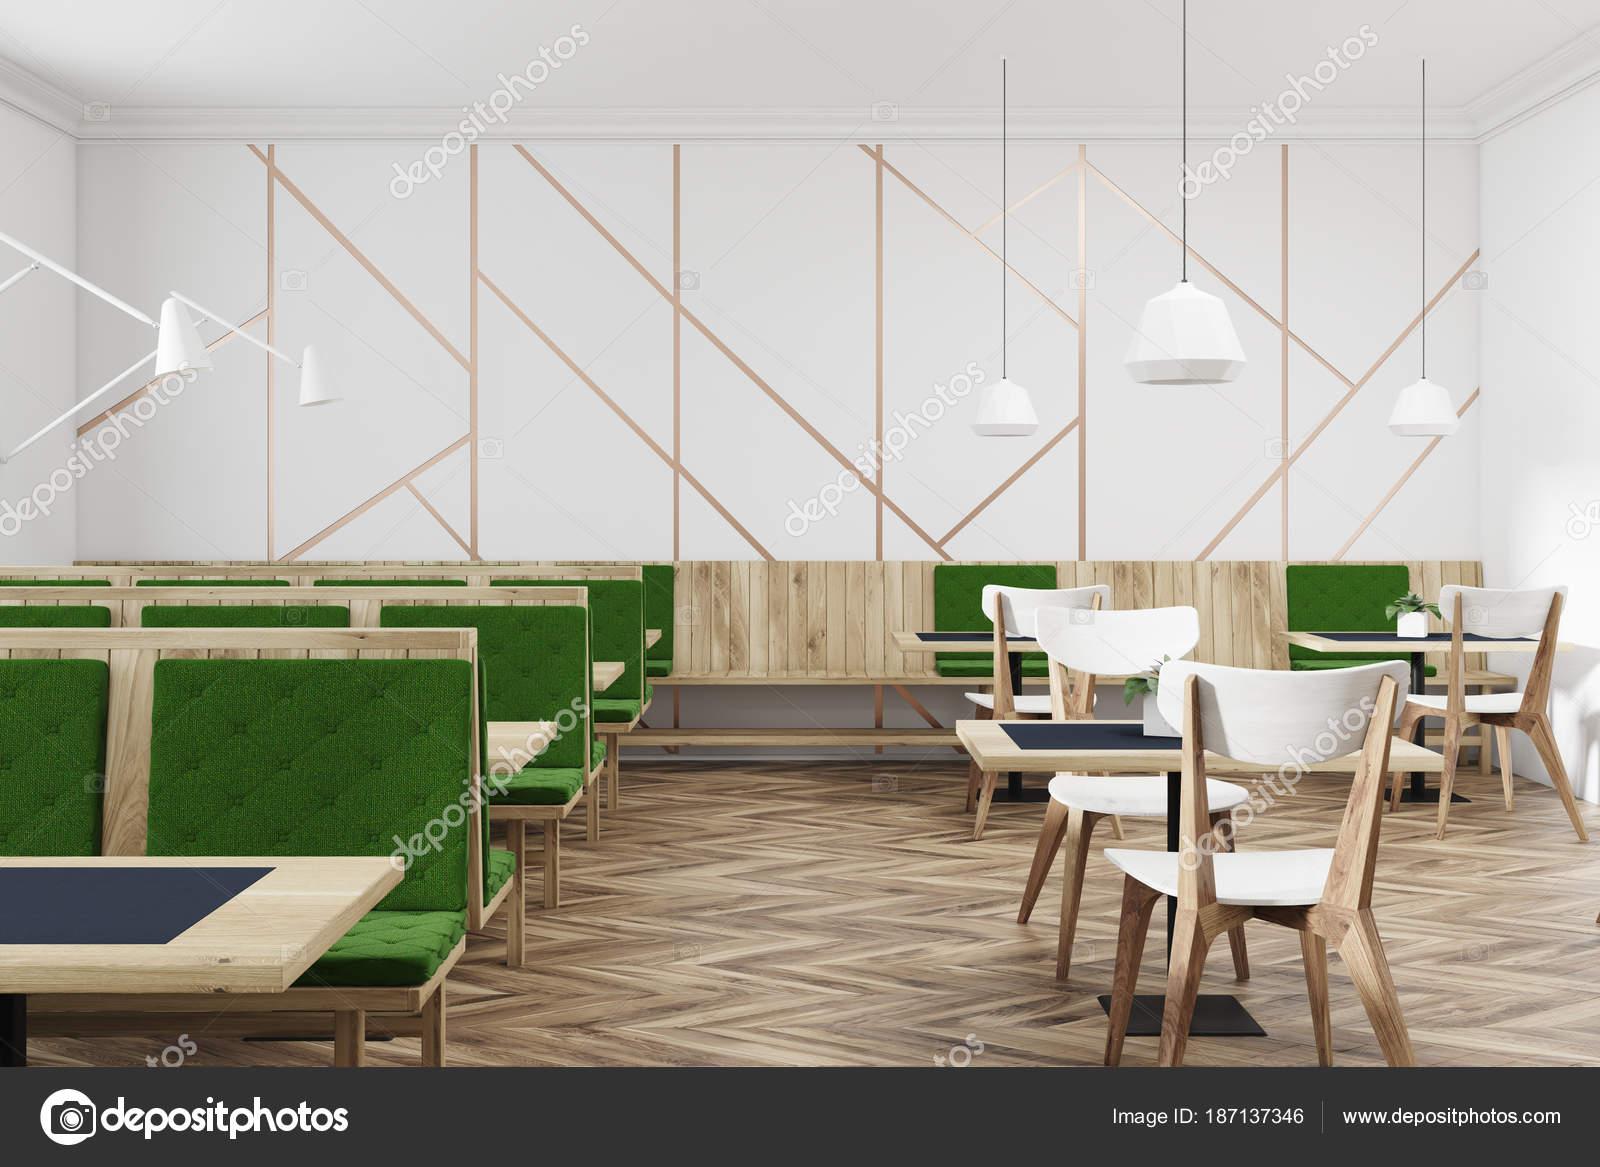 white and green cafe interior stock photo denisismagilov 187137346 rh depositphotos com